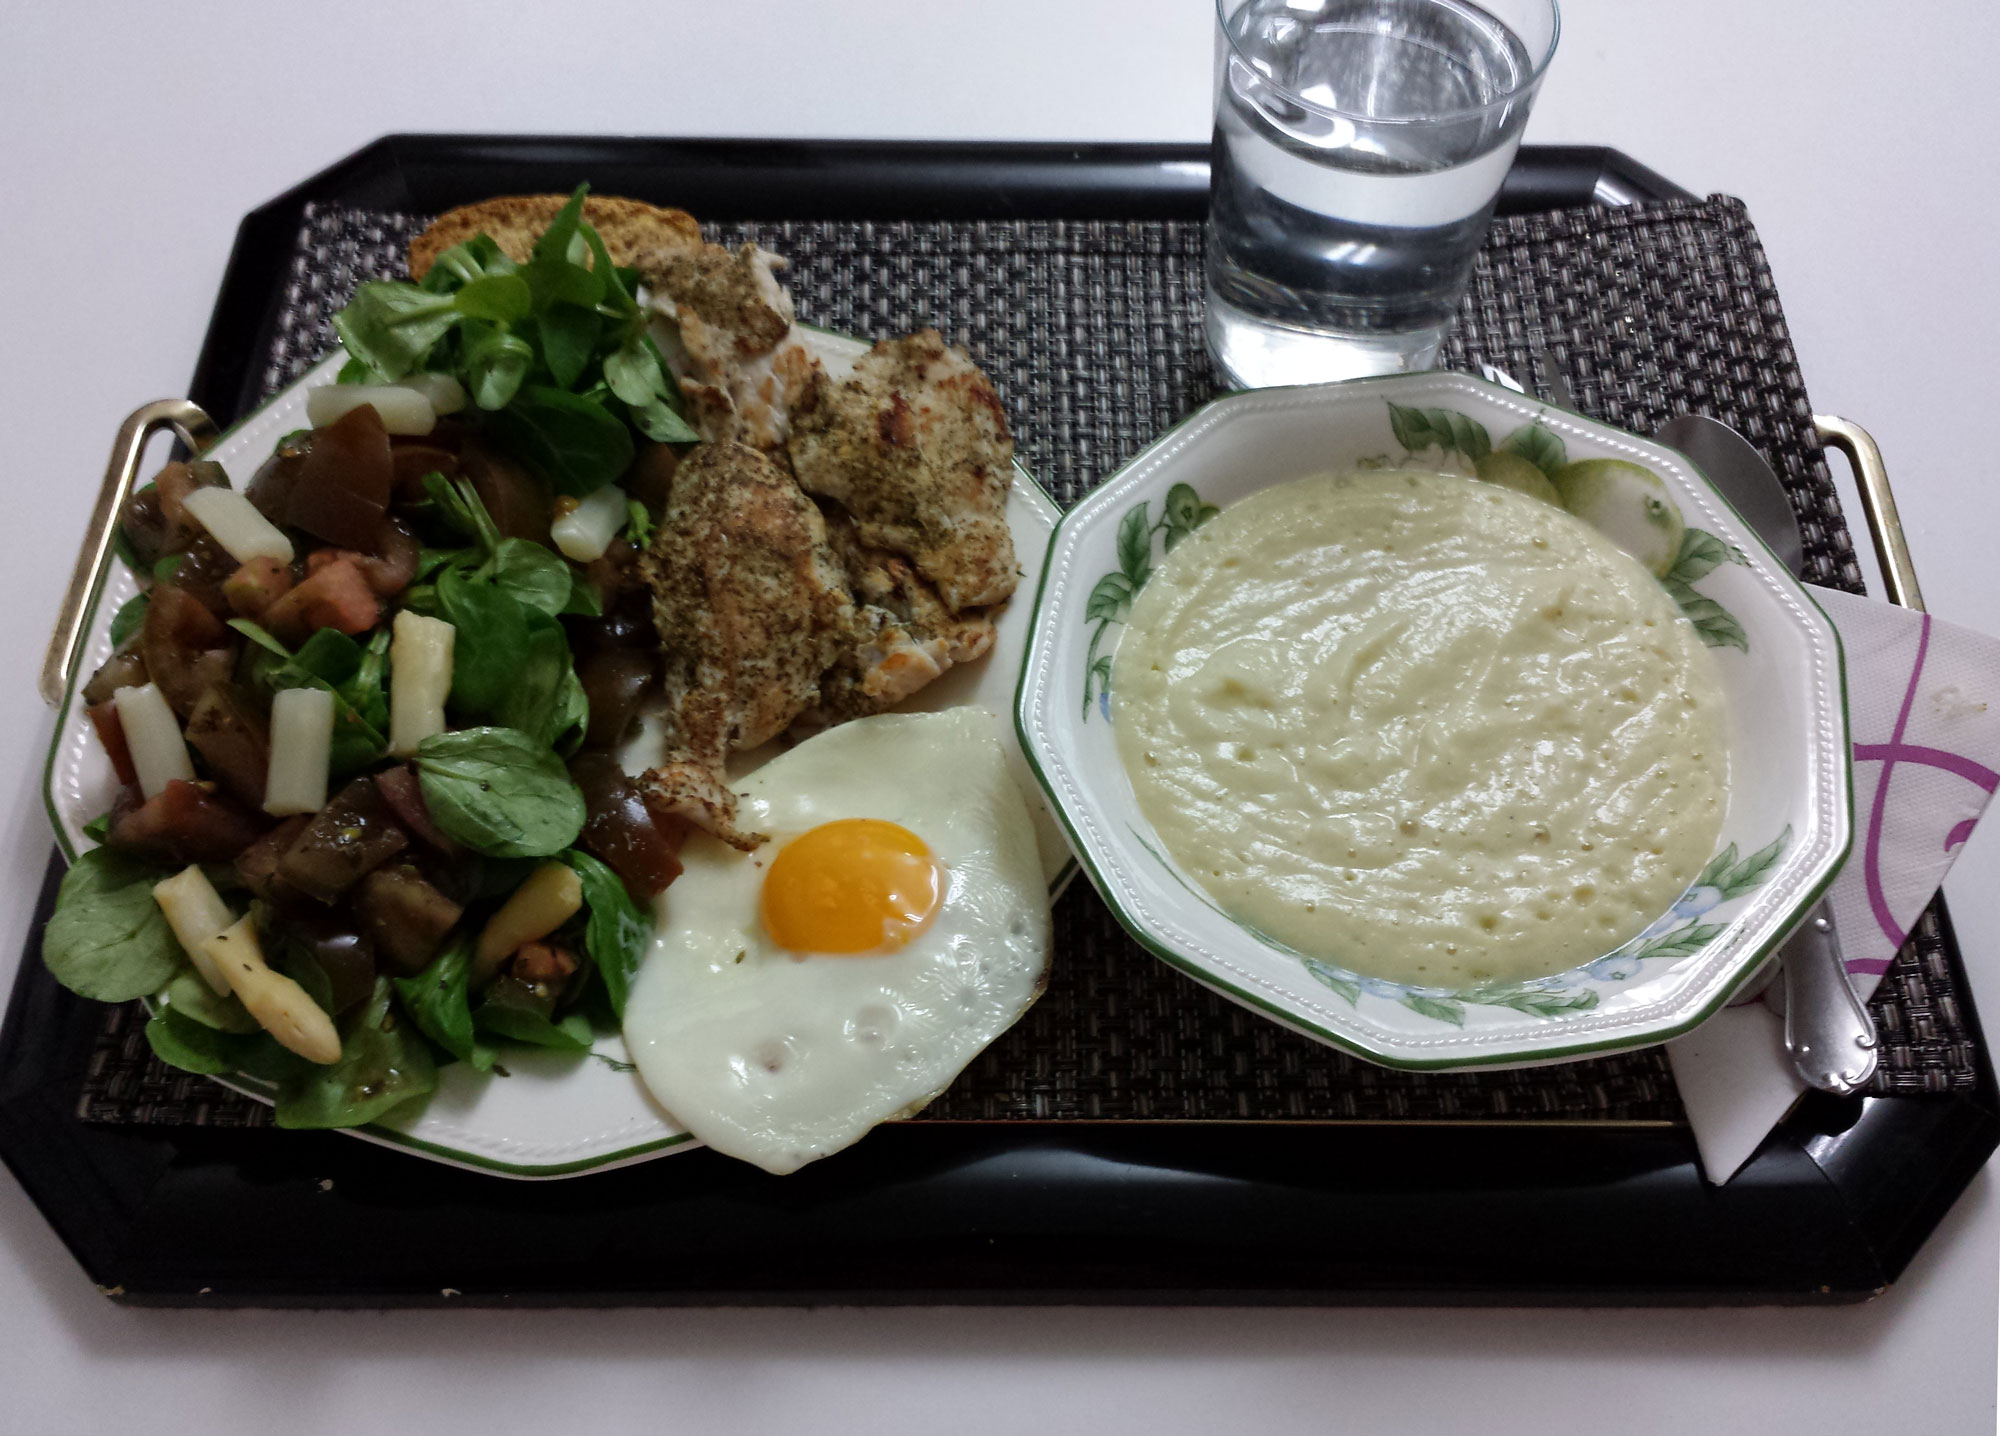 recetas saludables, recetas sanas, recetas fitness, comida sana, comida saludable